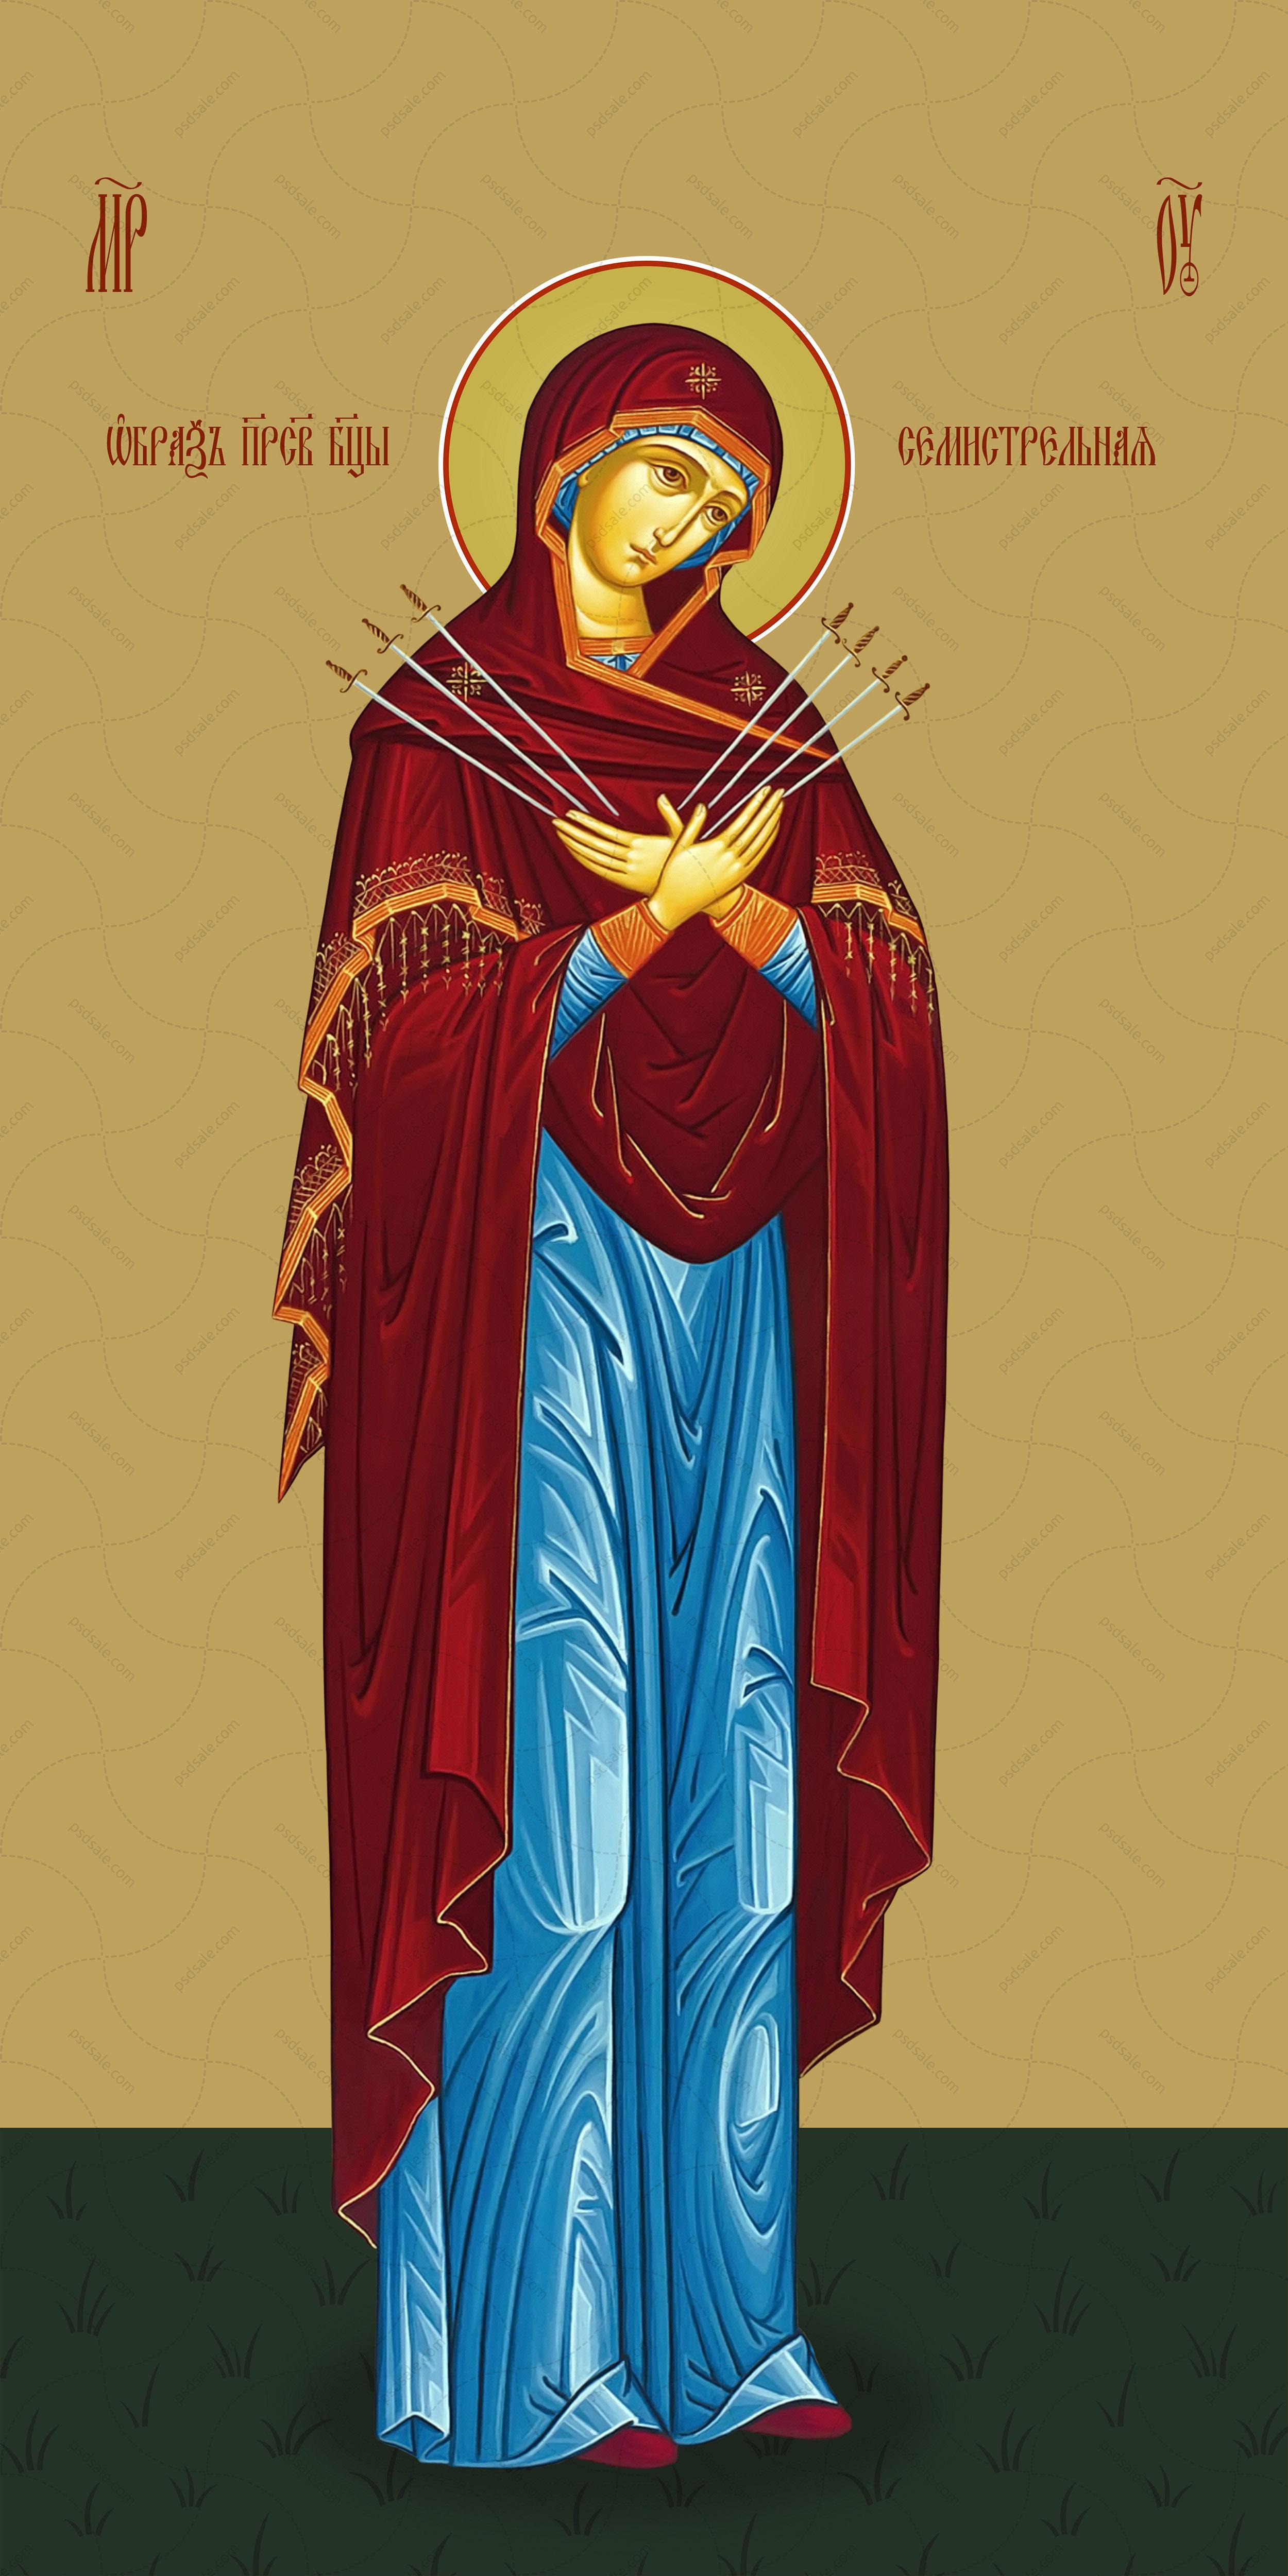 Мерная икона, Семистрельная икона божьей матери